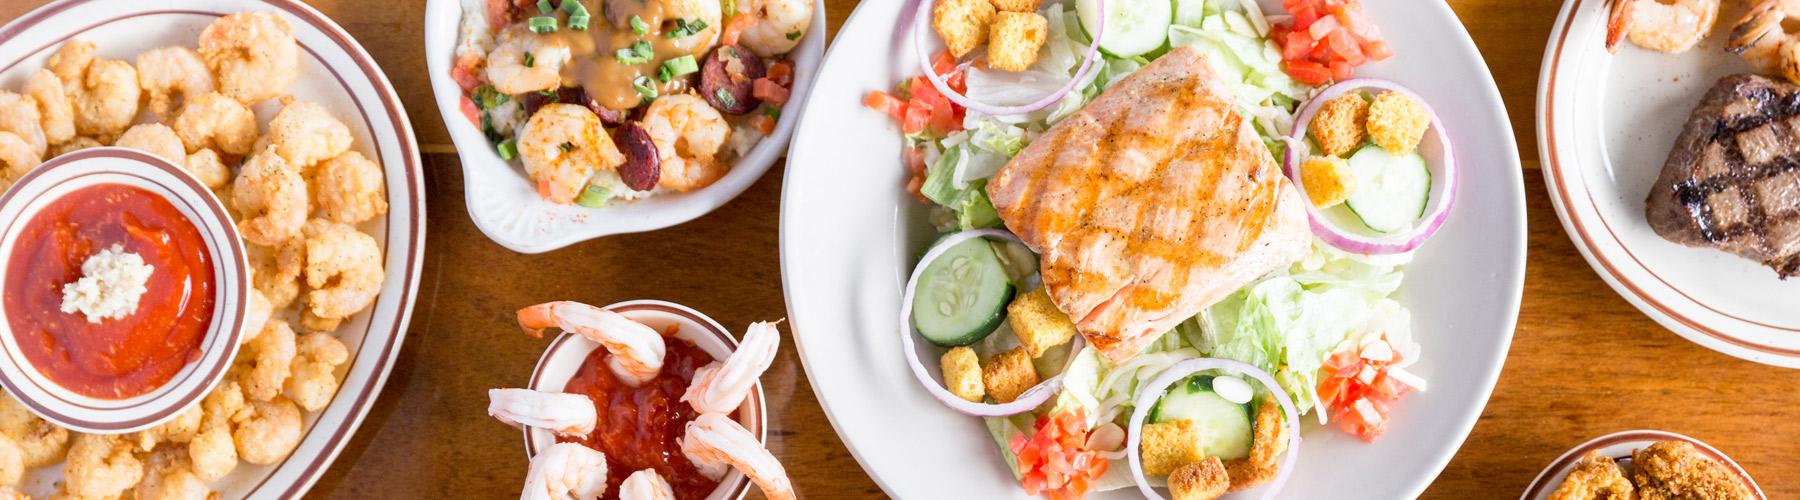 Myrtle Beach Restaurant Menus